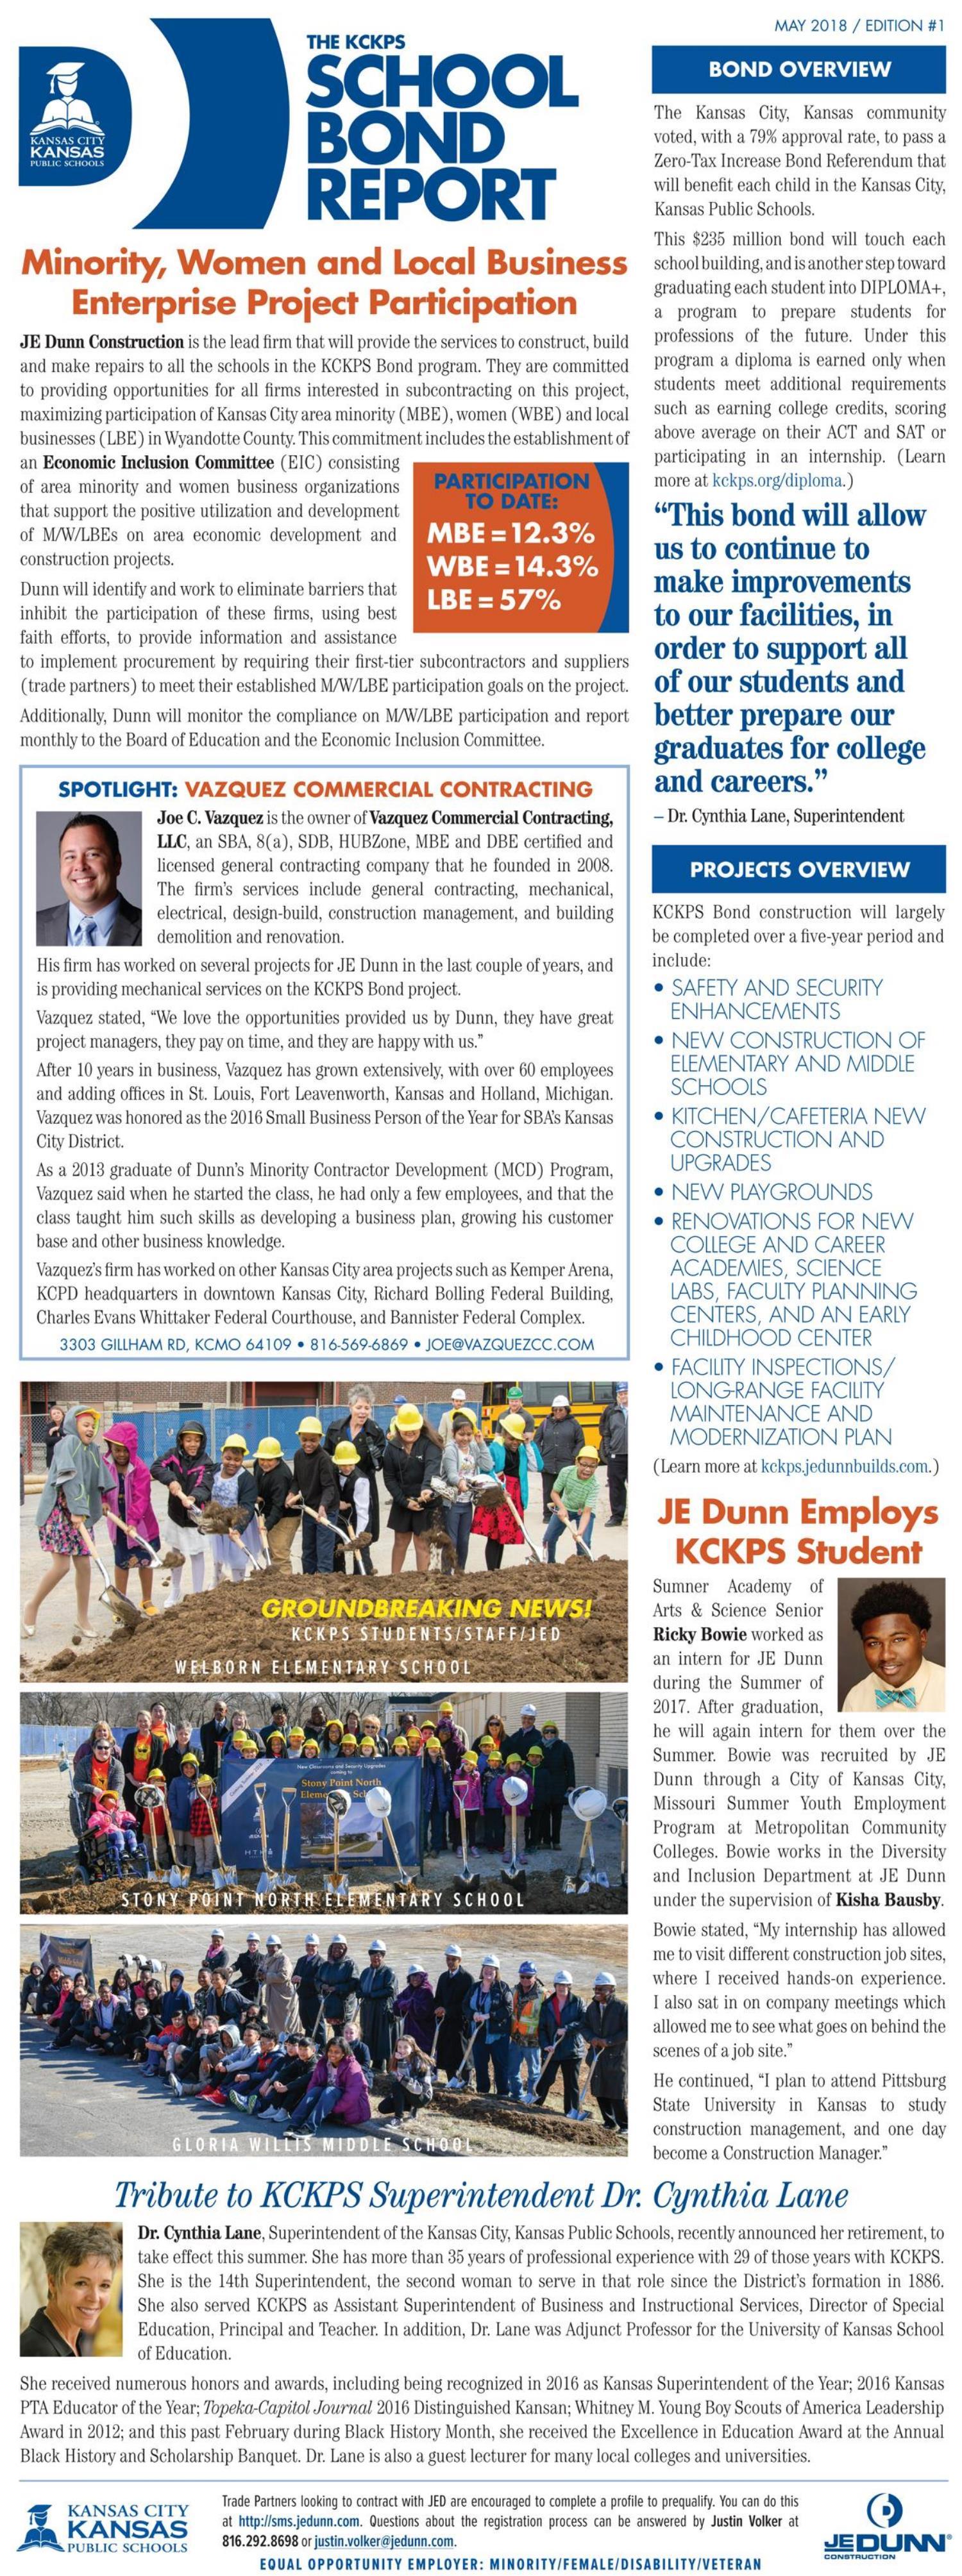 KCKPS Newsletter May 2018 Revised.jpg